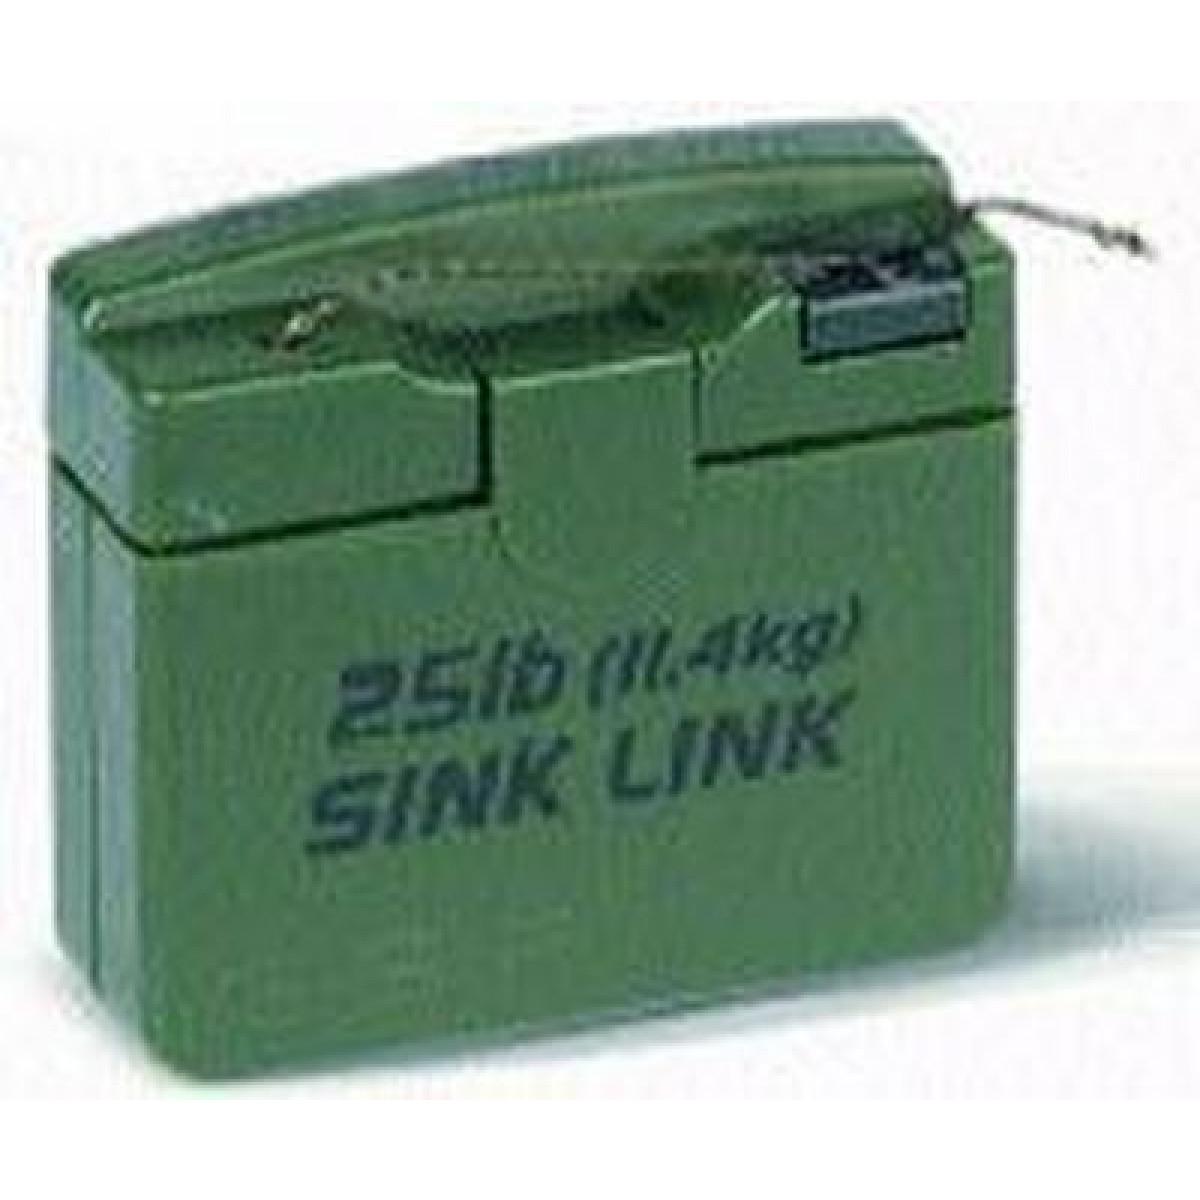 Sink Link